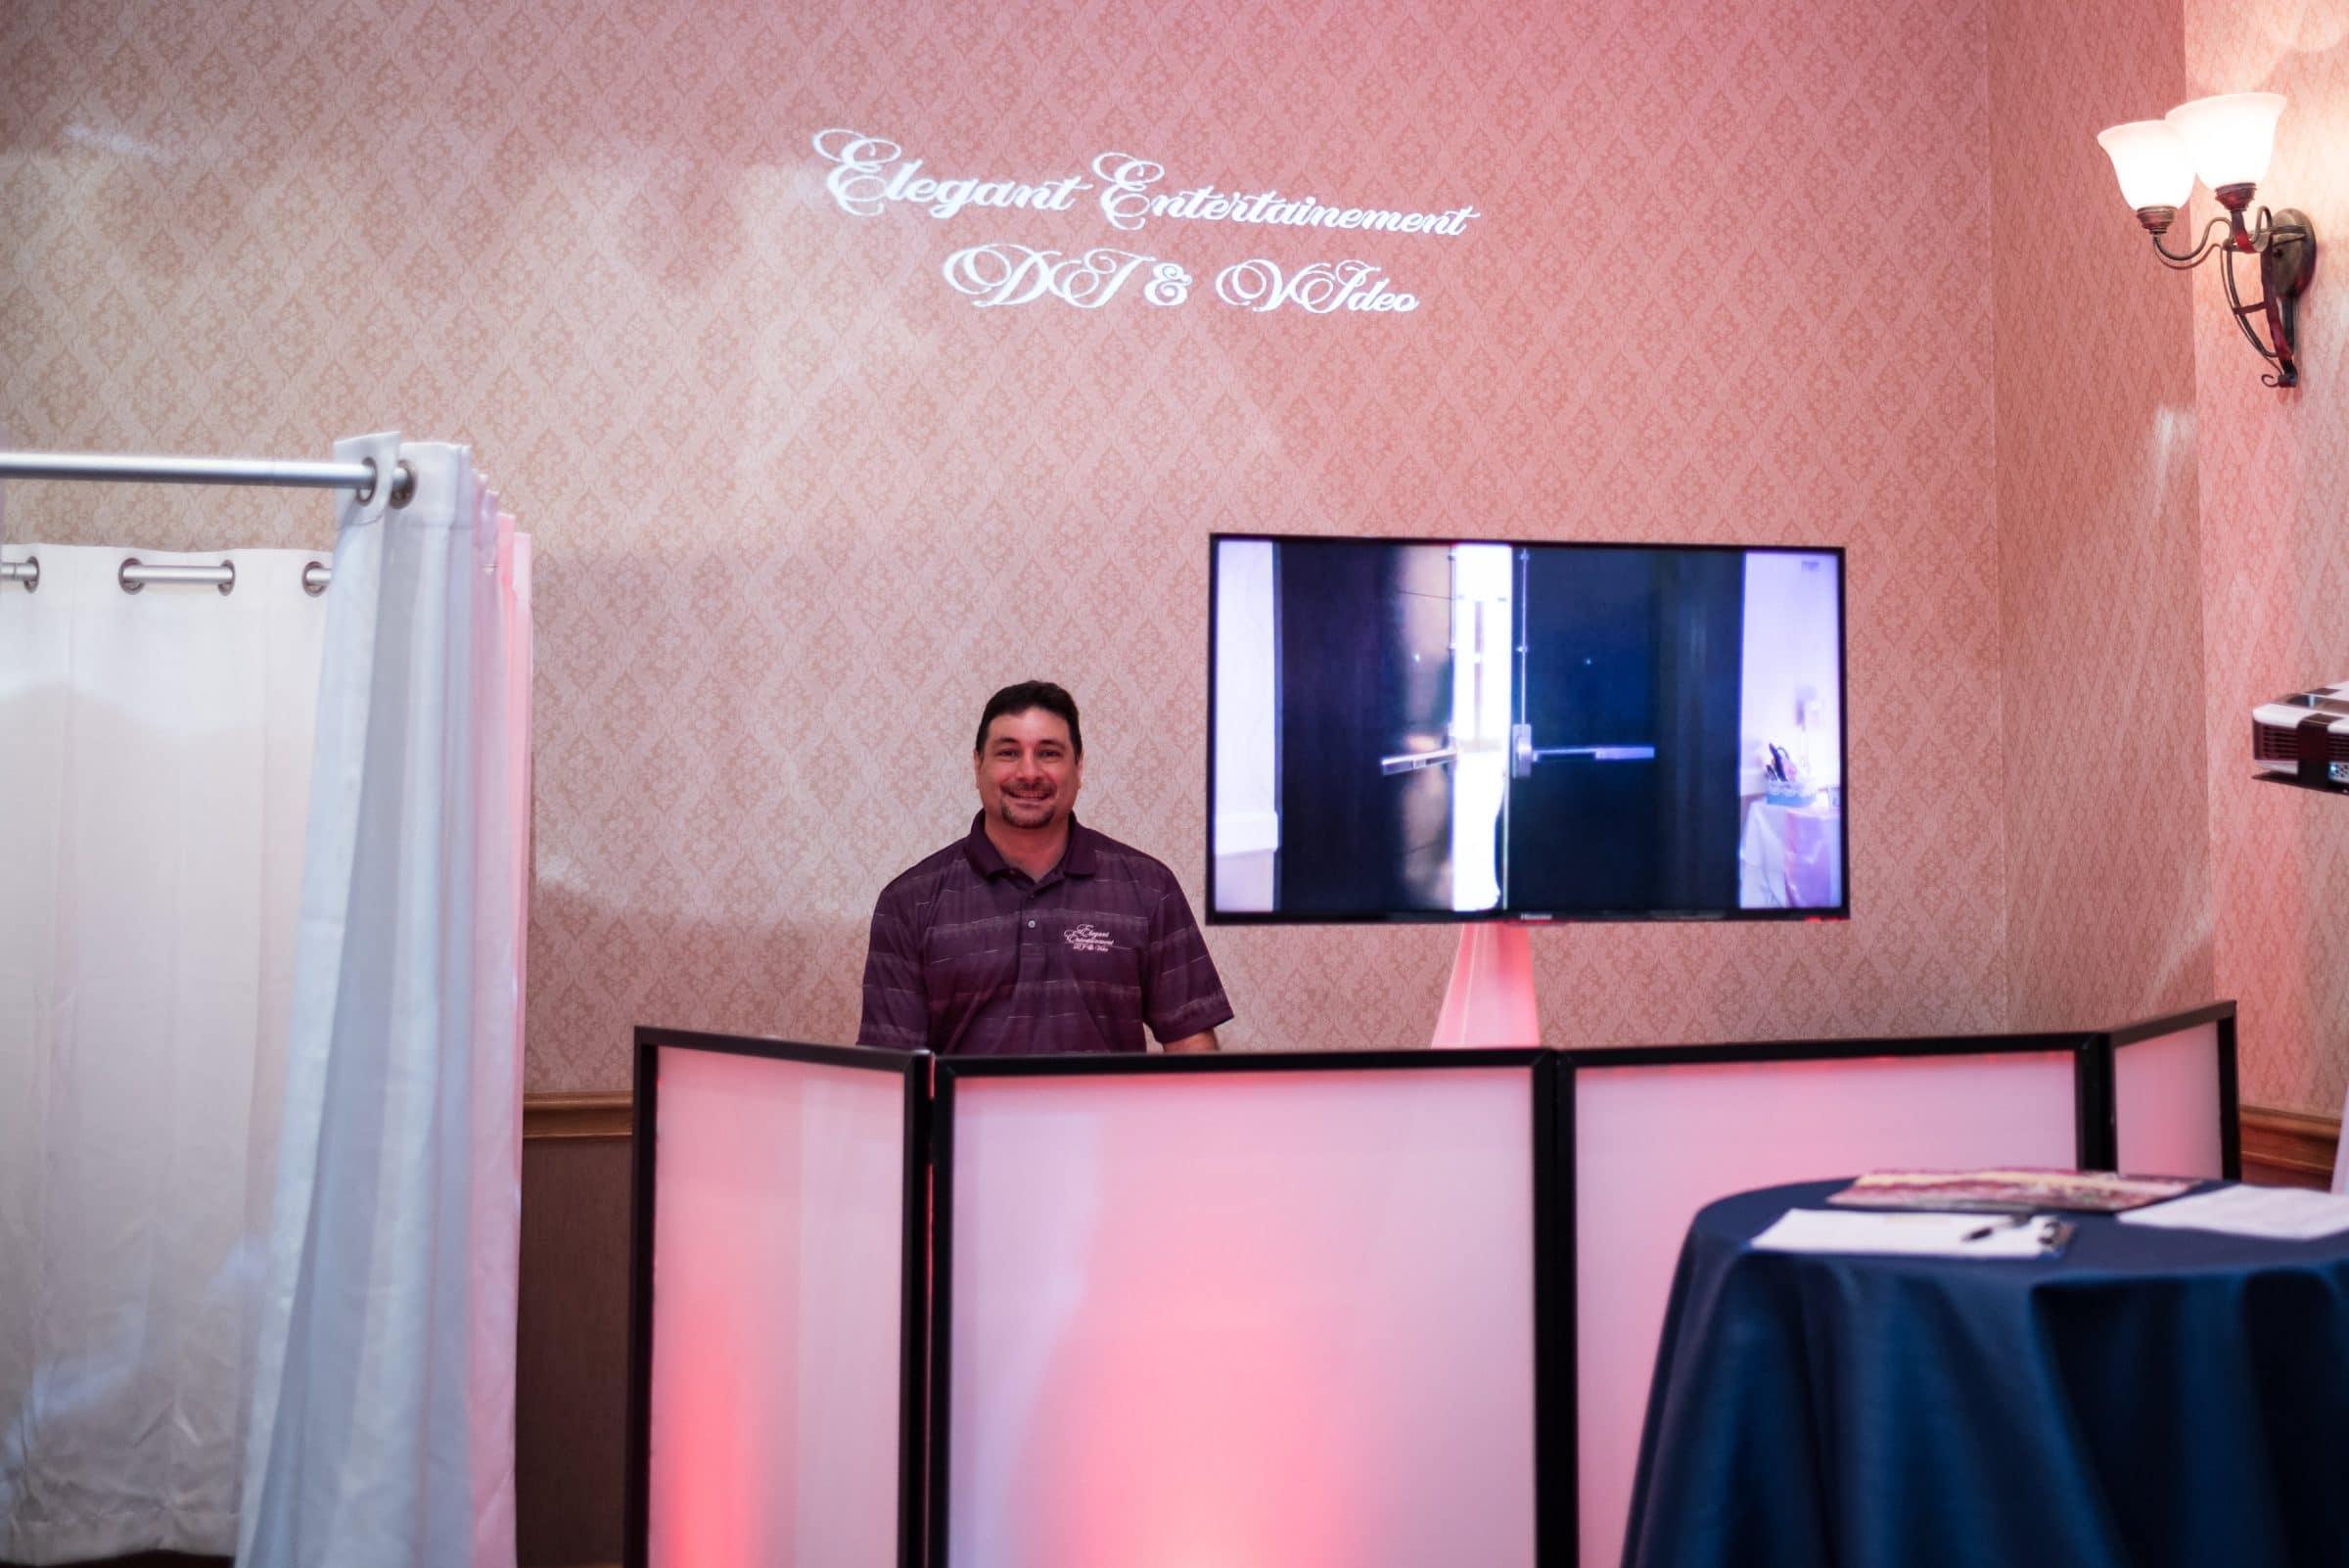 DJ Joe Moralis Elegant Entertainment at booth